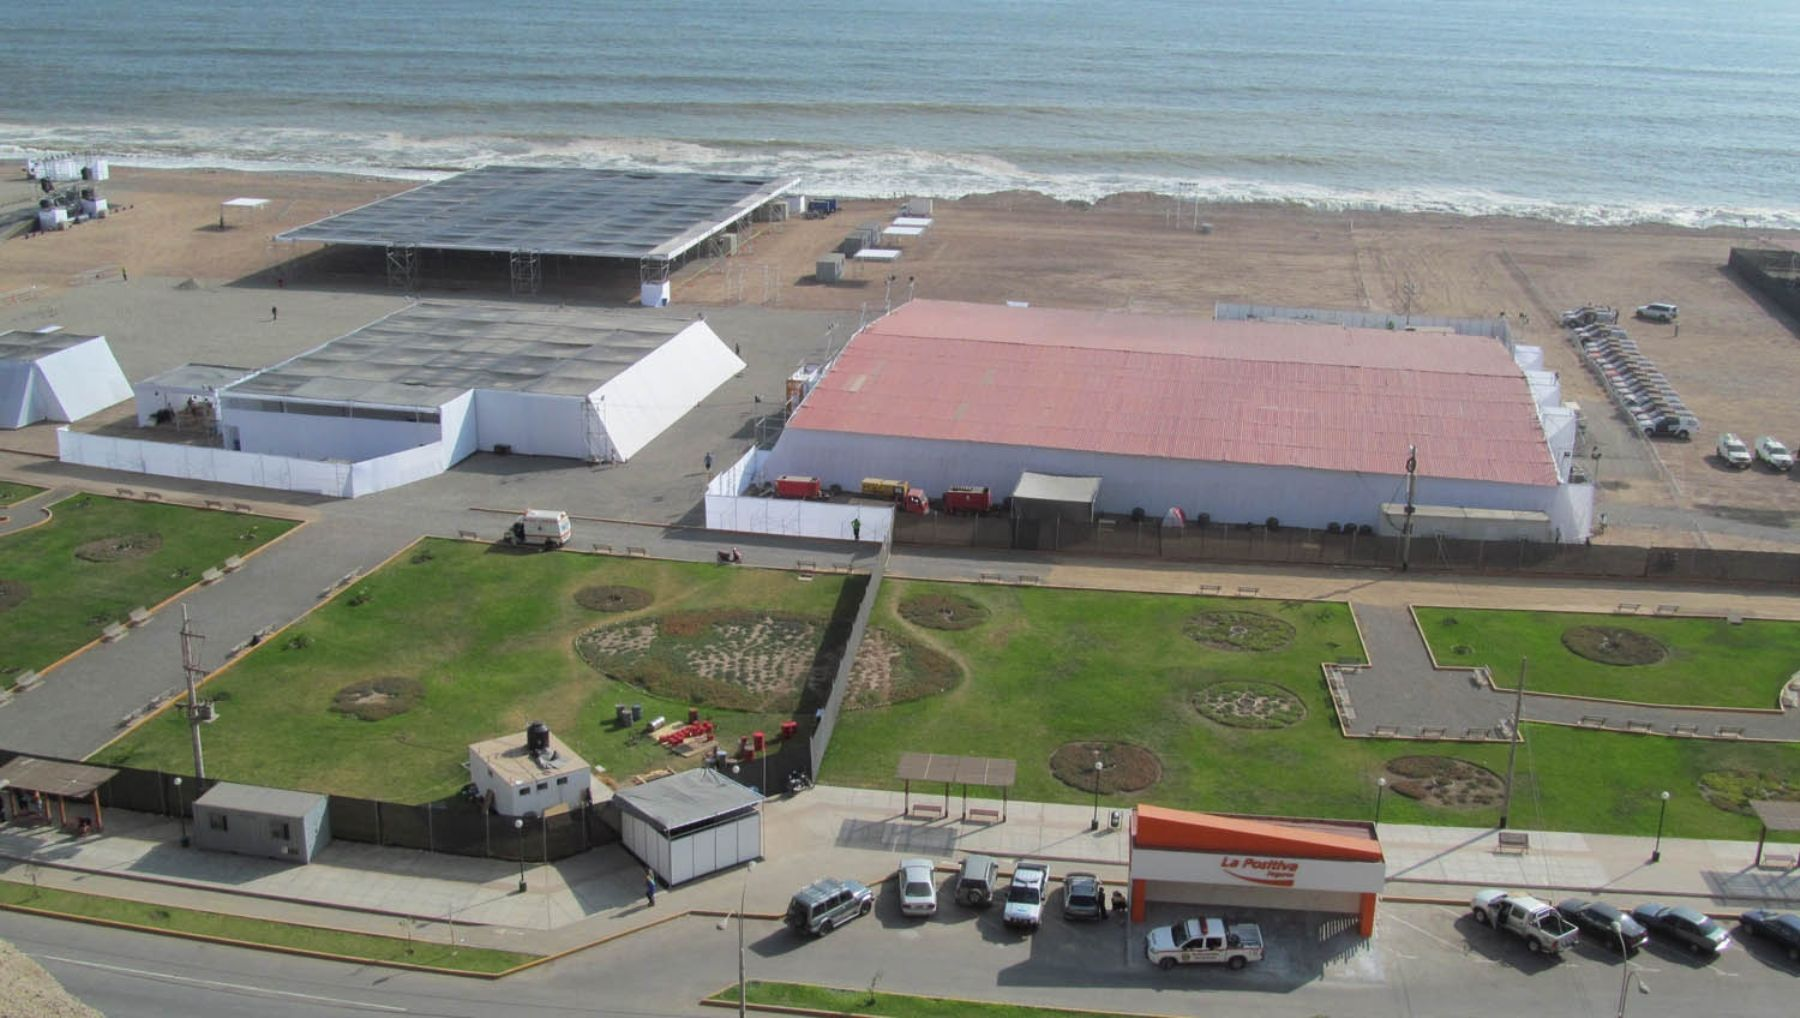 Campamento Dakar instalado en el sector de la Costa Verde en Magdalena del Mar, donde el público podrá apreciar los vehículos que competirán en el rally más importante a nivel mundial, del 2 al 4 de enero de 2013.